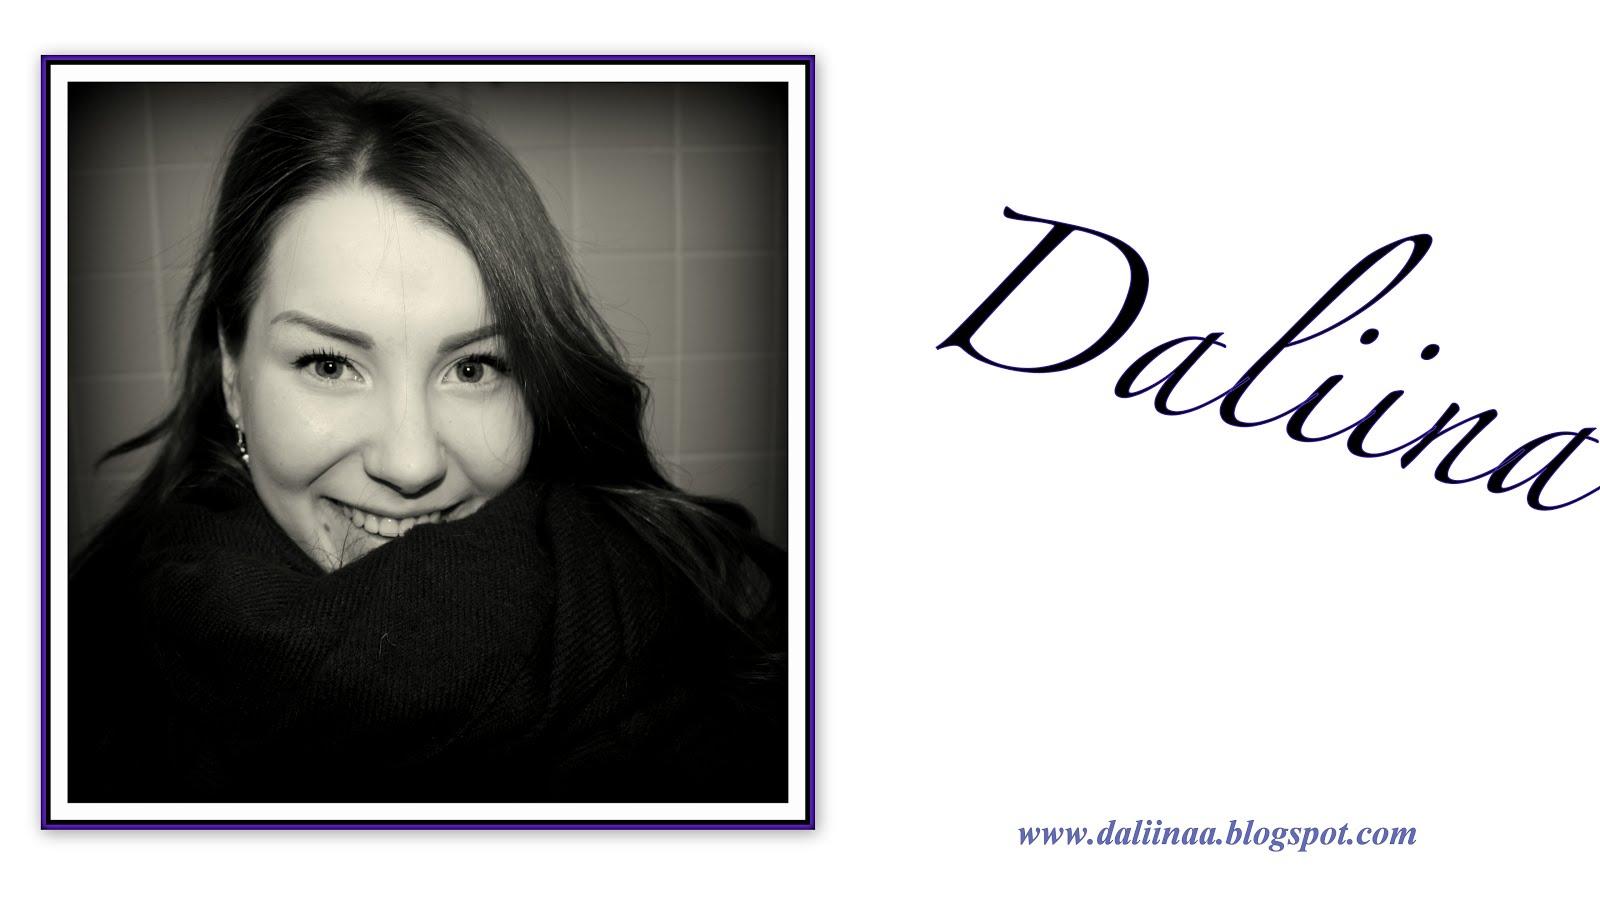 Daliina